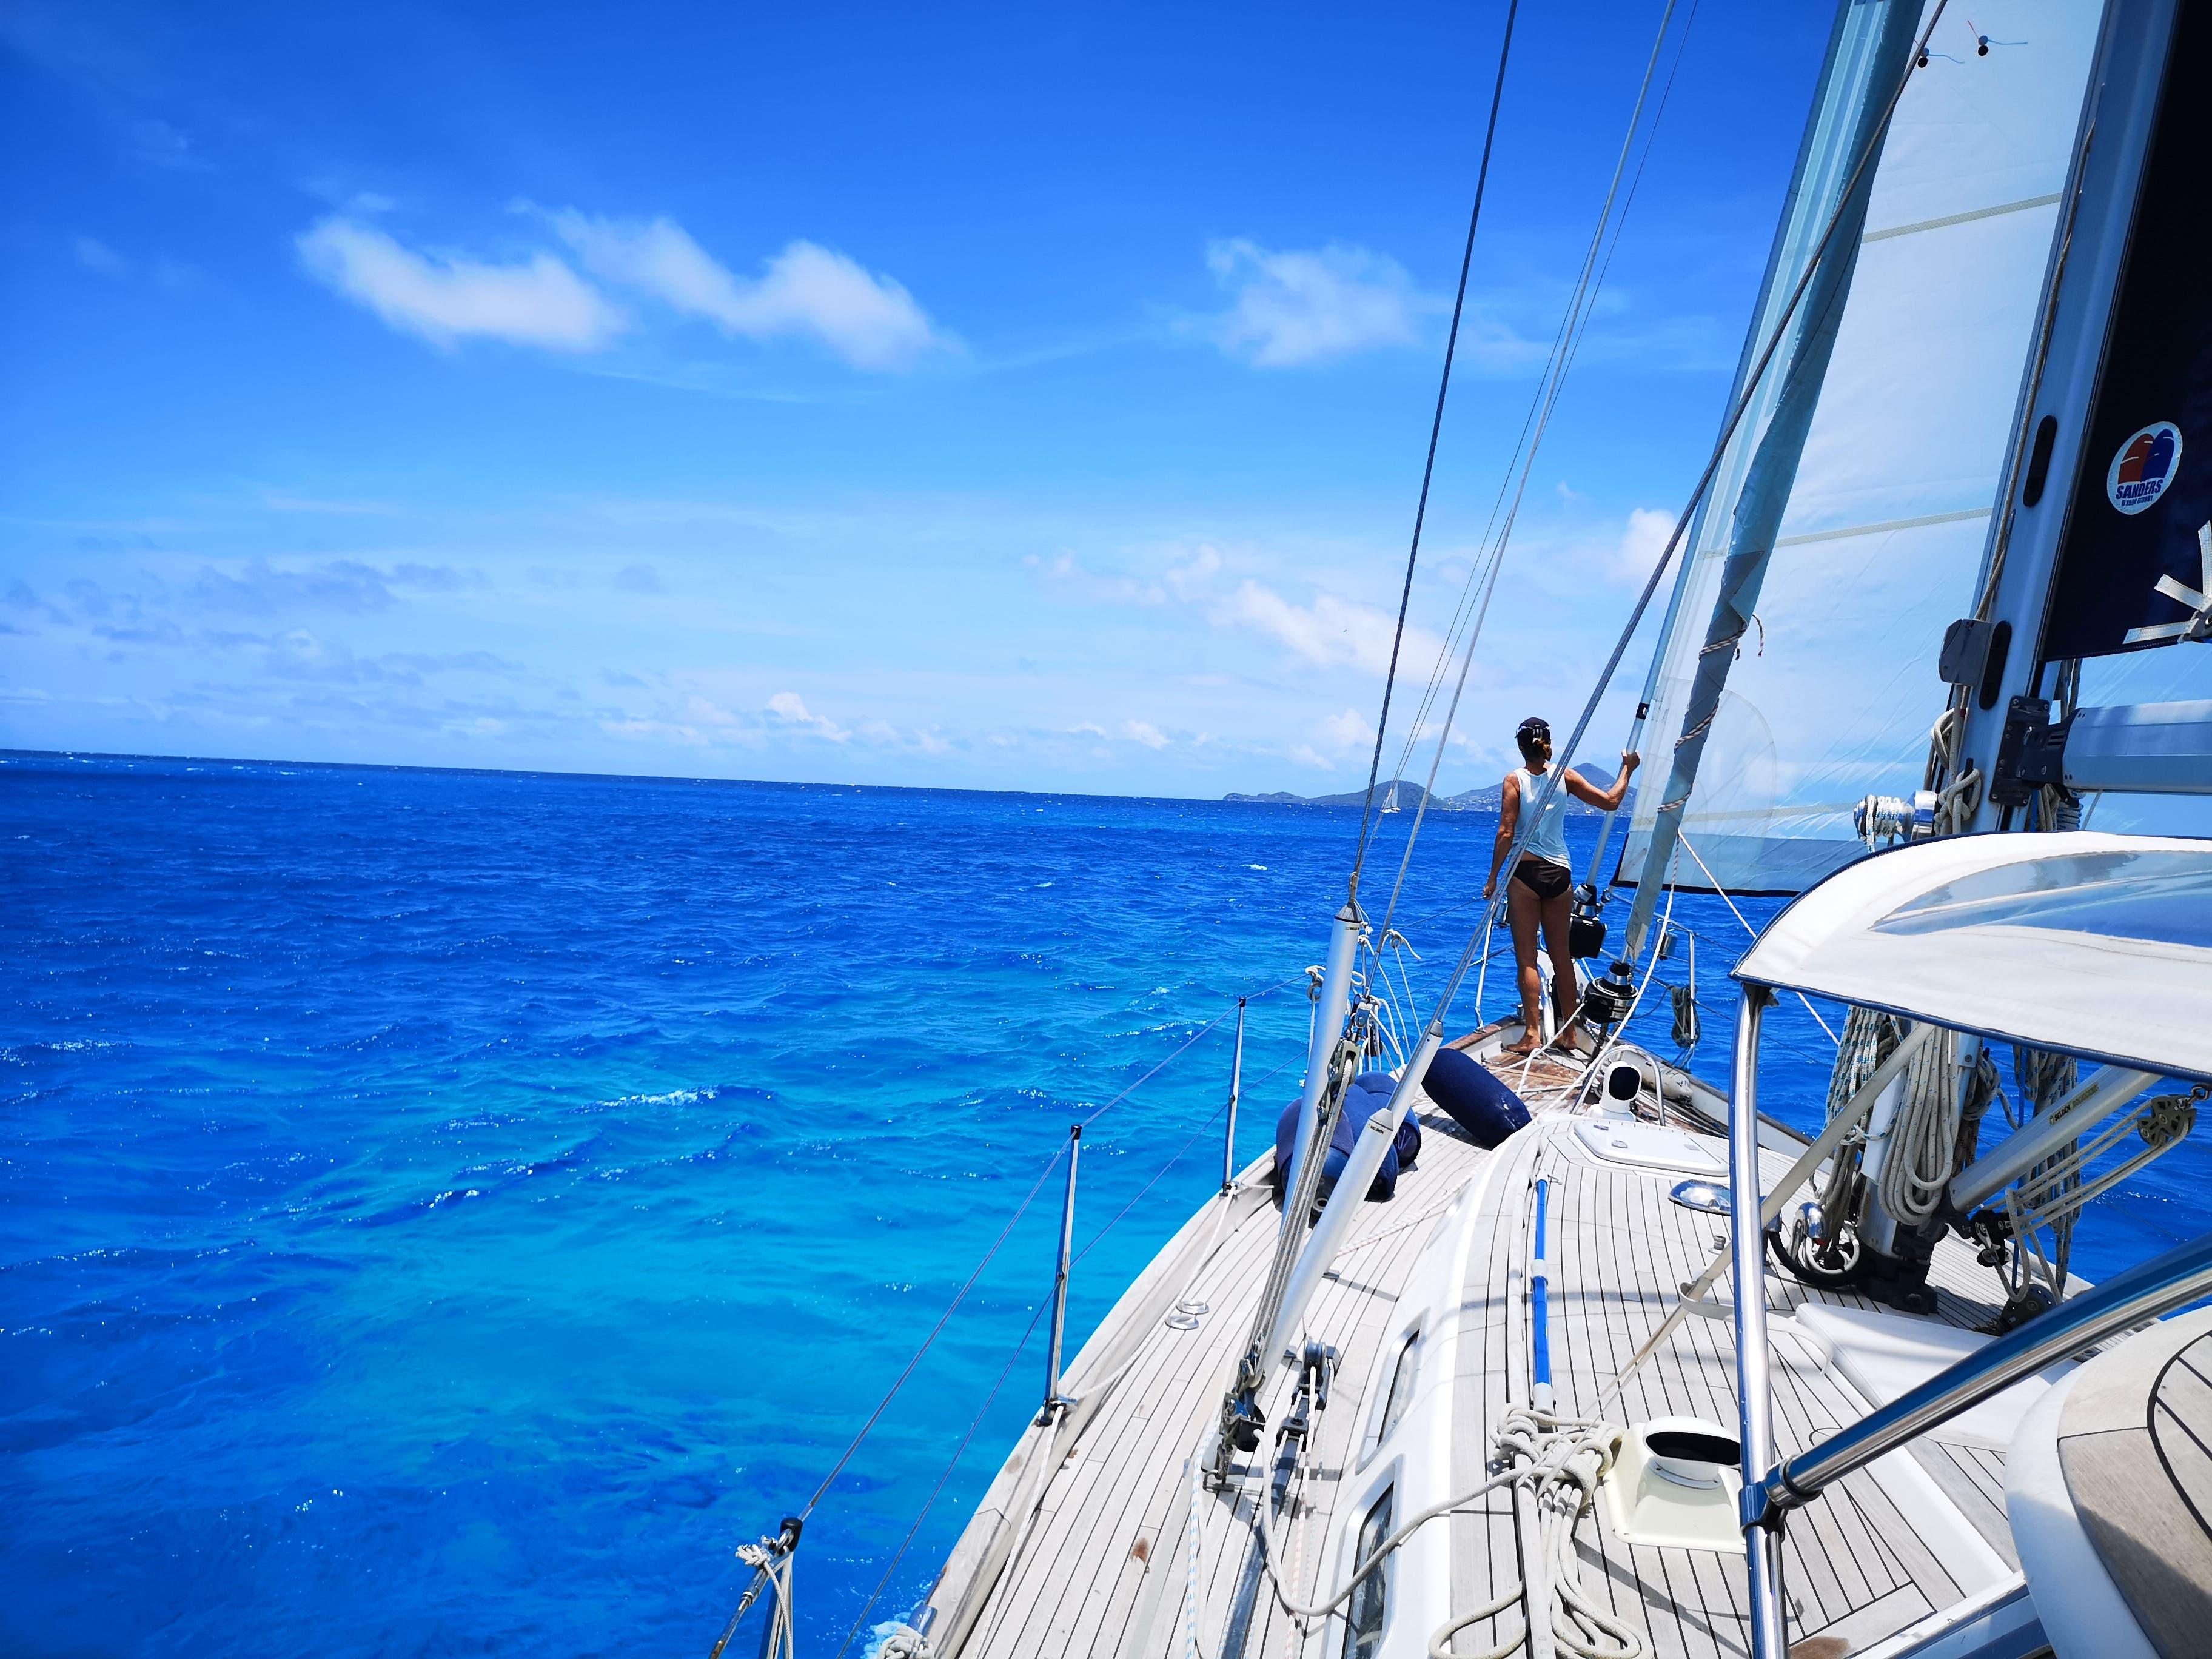 Die Segelyacht «Lupina» nimmt Kurs auf die nächste Destination.